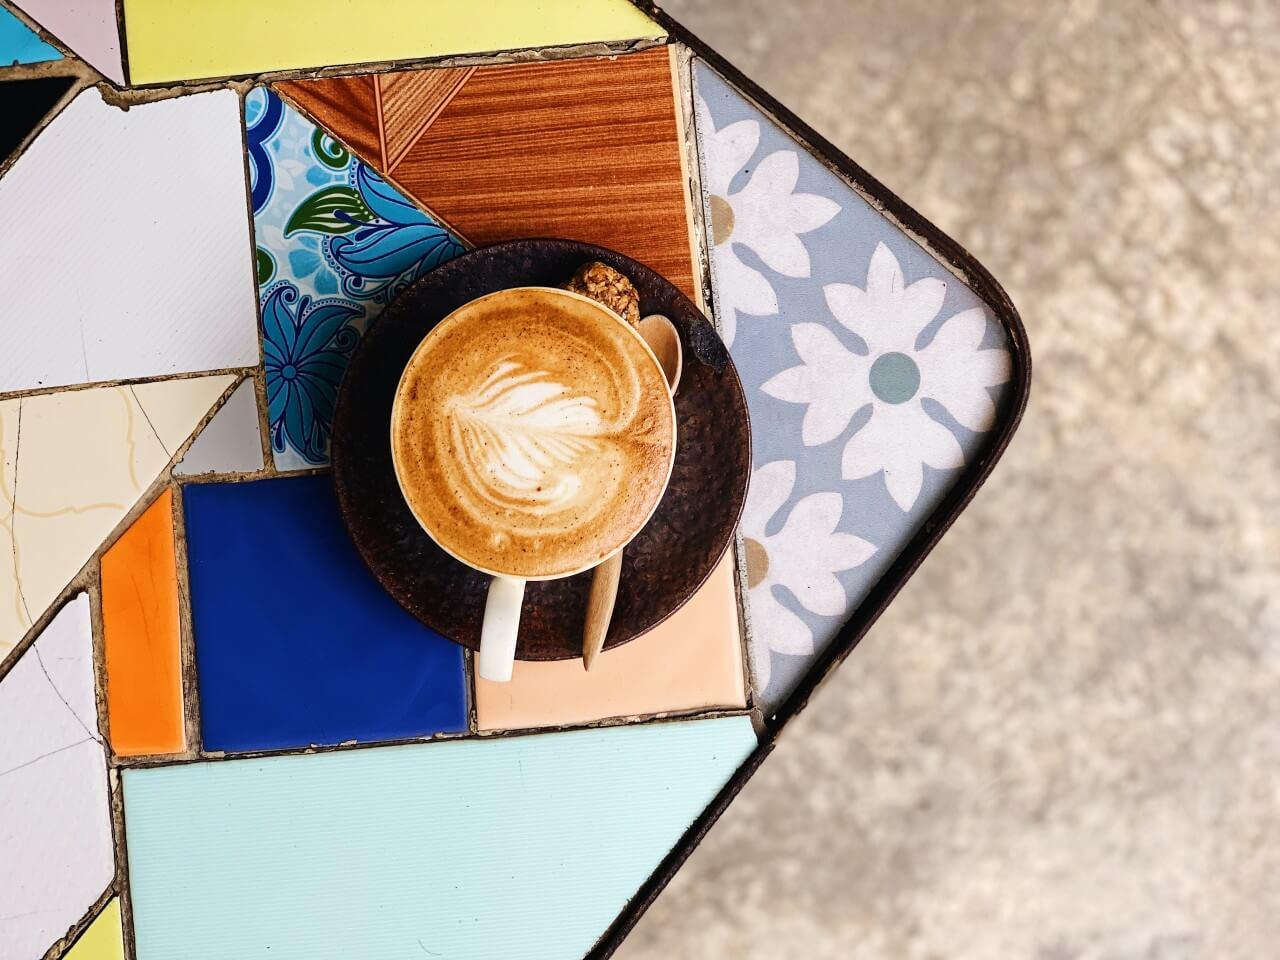 【清邁美食推薦】8家特色文青清邁咖啡店分享,不喝咖啡也要打卡